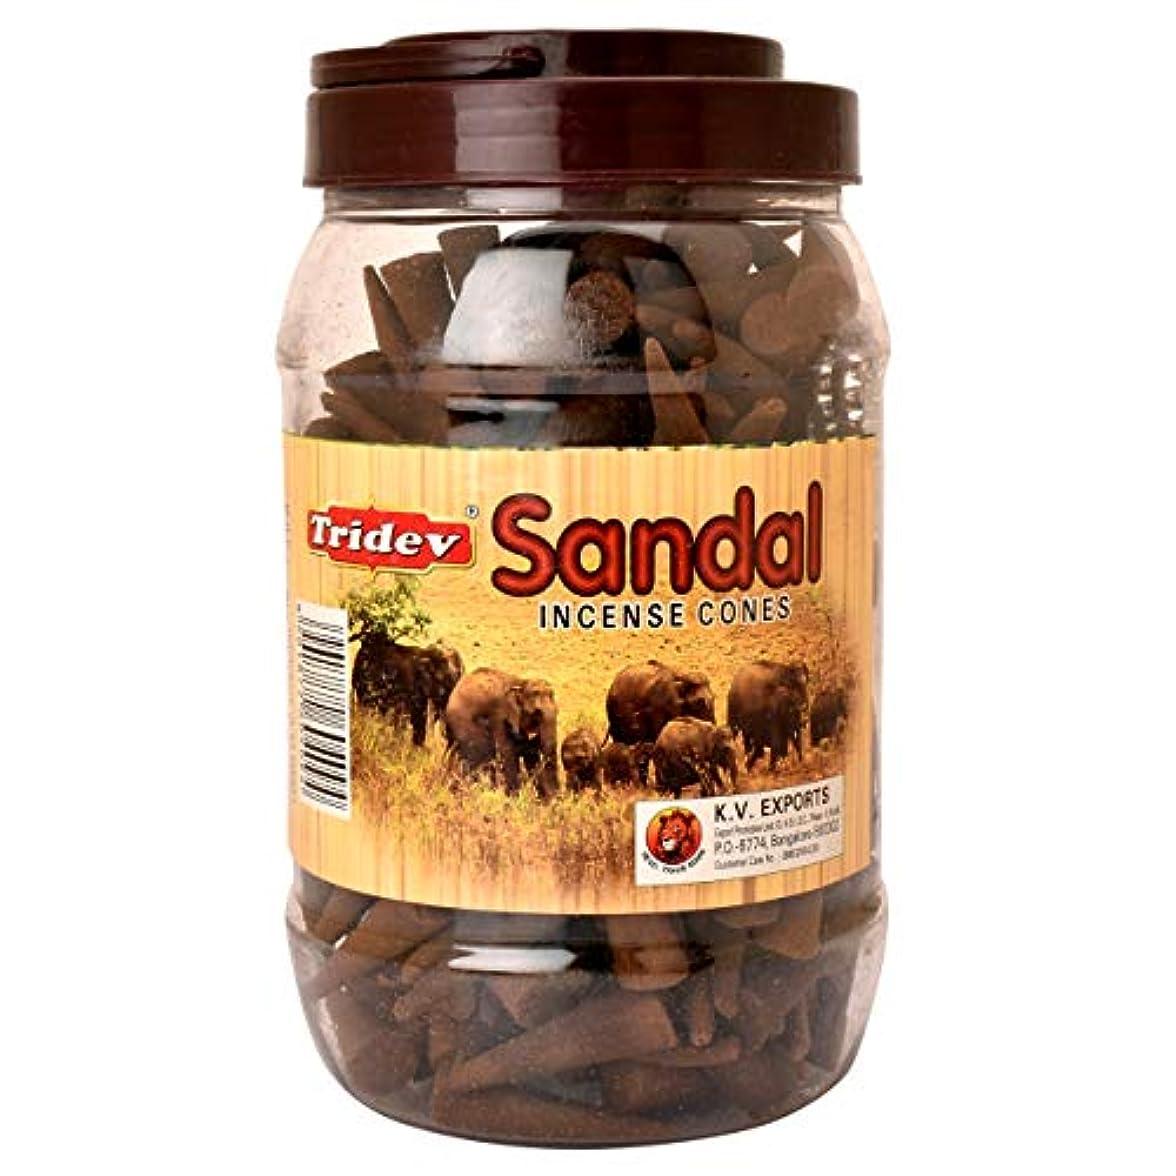 商品毒液慢性的TridevサンダルIncense Cones Jar 500グラムパック